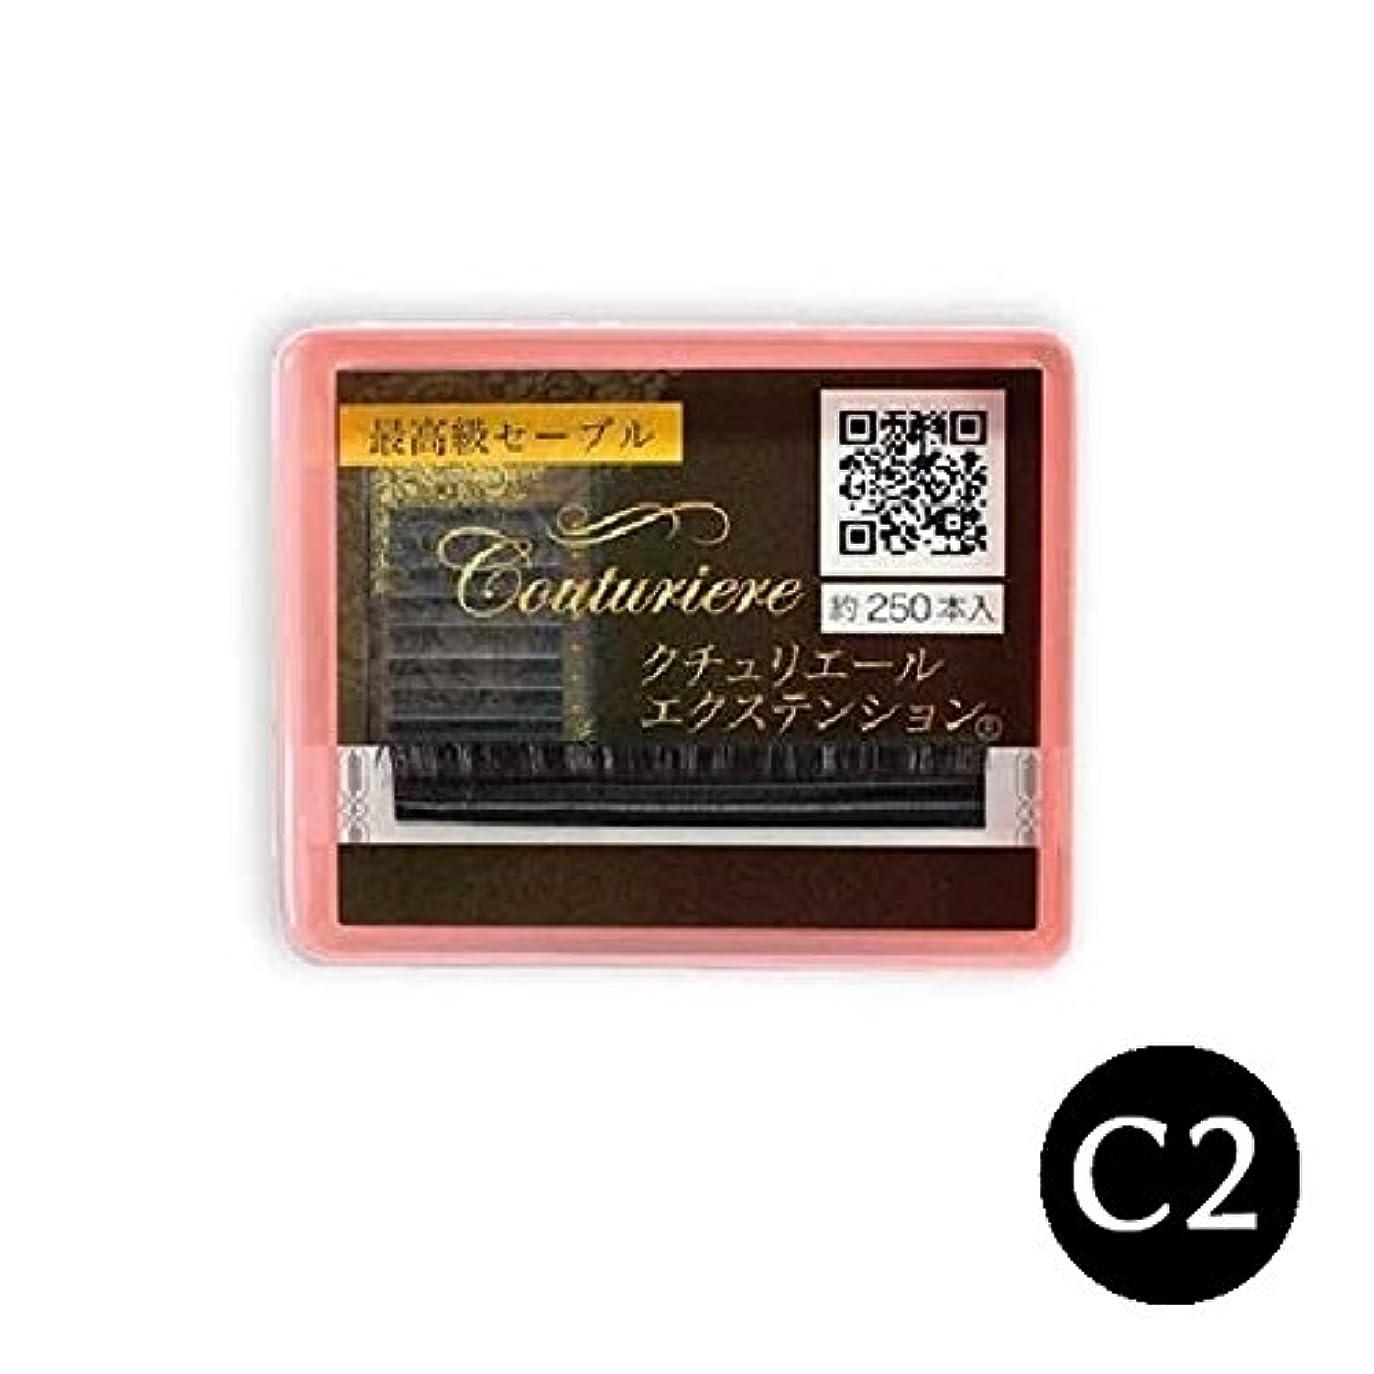 生き返らせる測る句読点まつげエクステ マツエク クチュリエール C2カール (1列) (0.10mm 6mm)